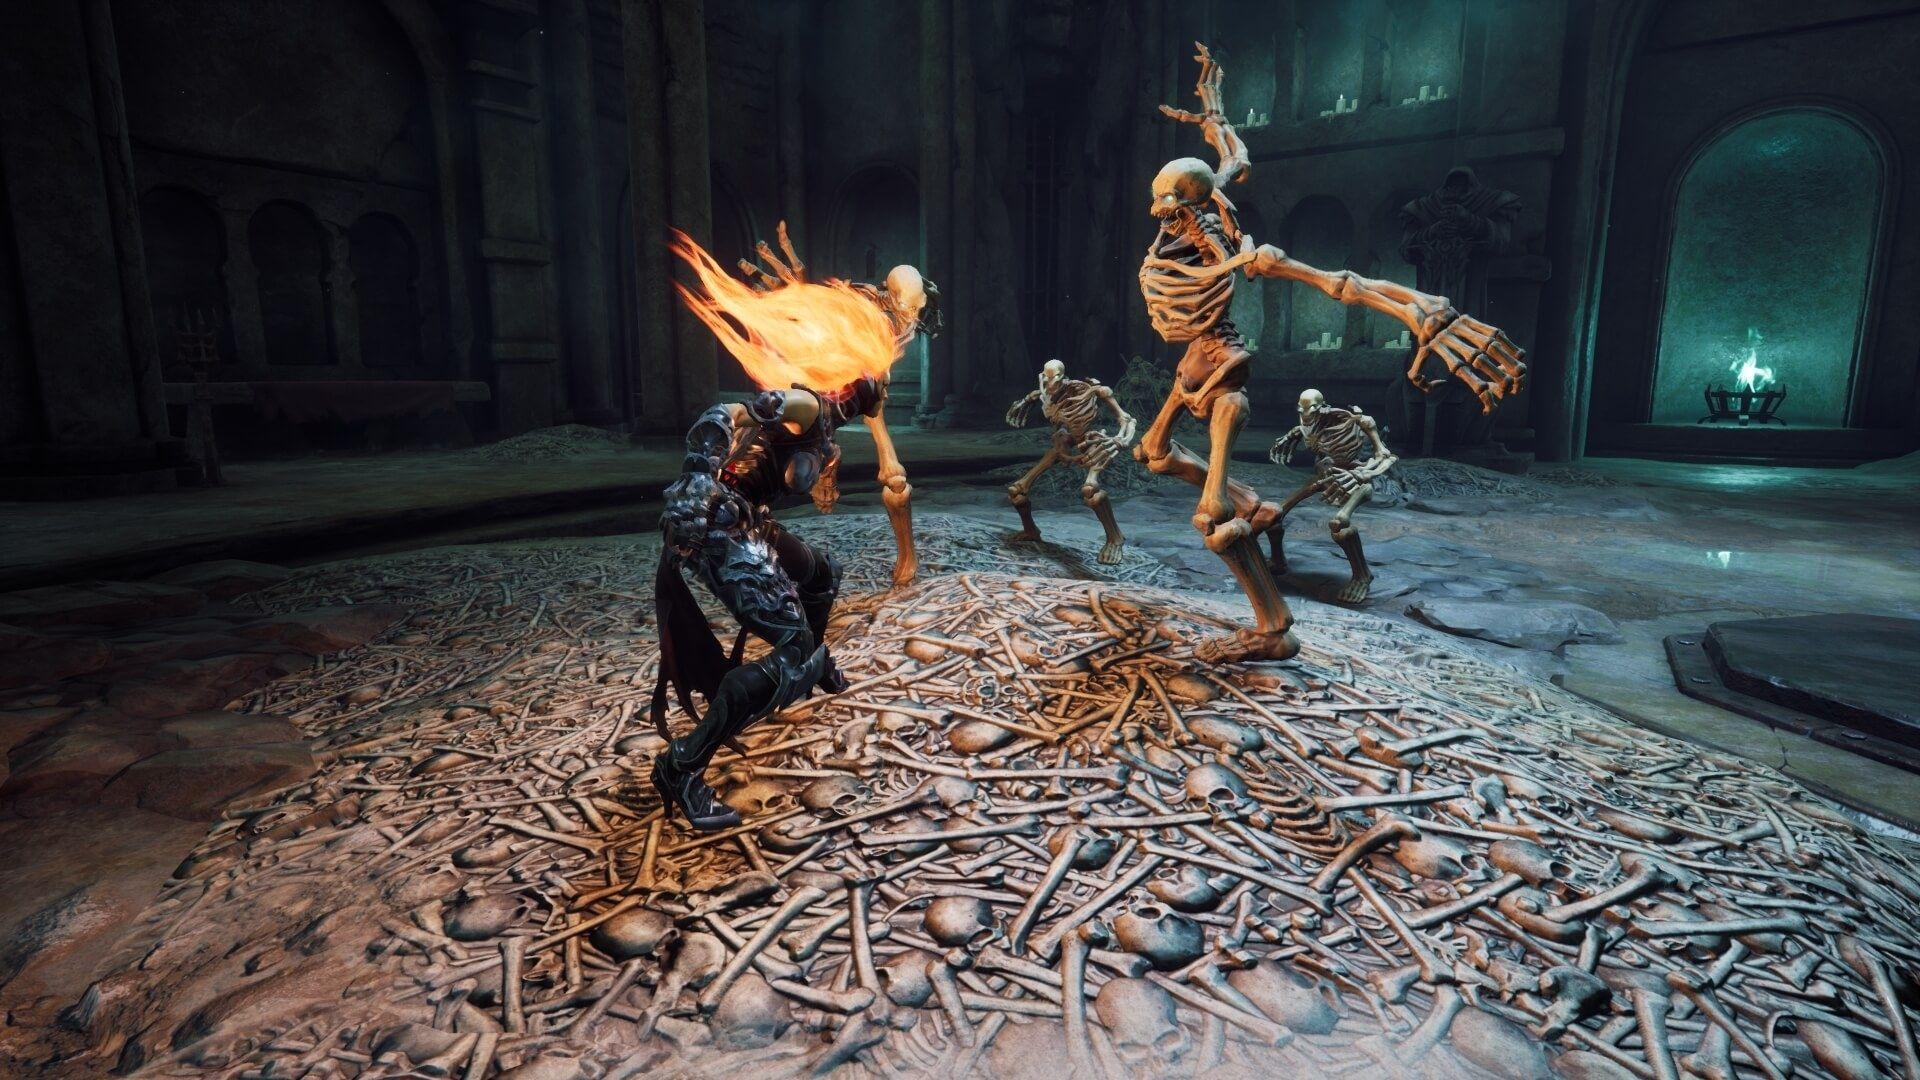 Darksiders III (Xbox One) - 12